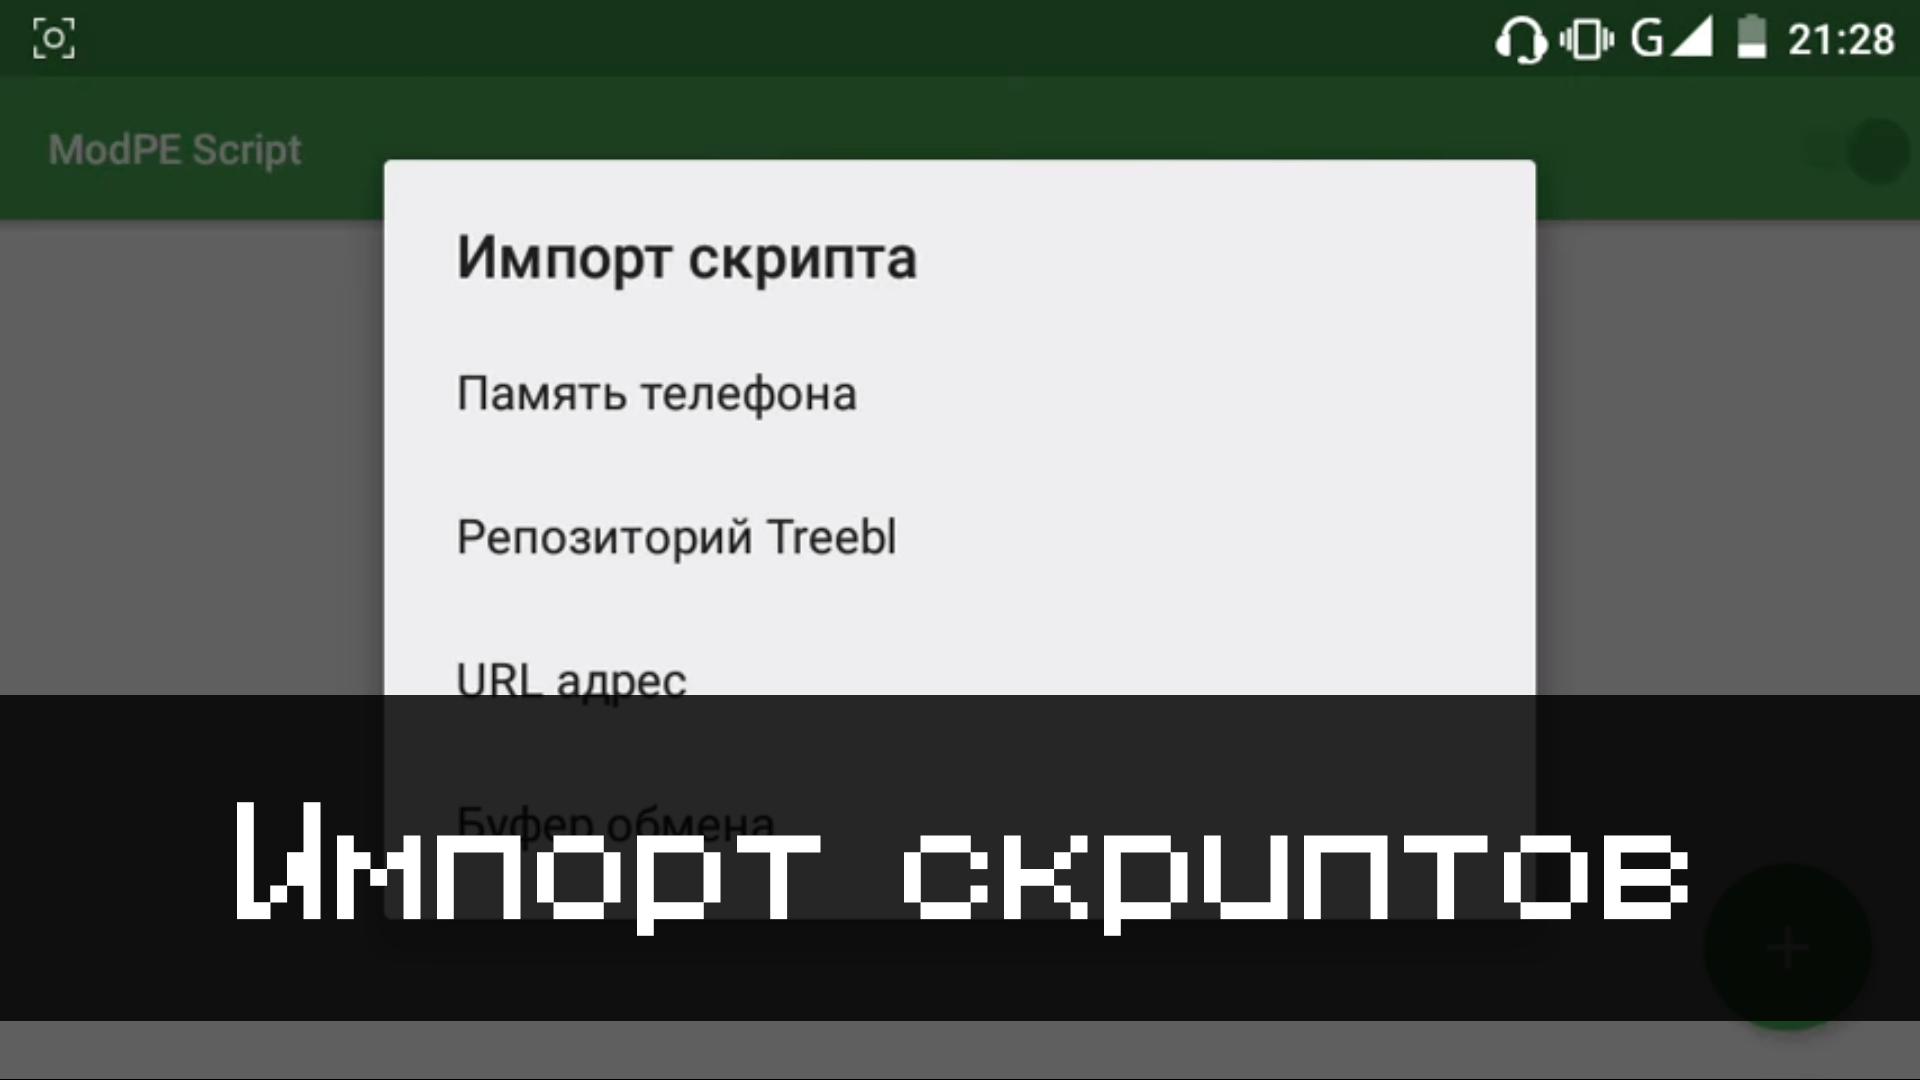 Импорт скрипта в BlockLauncher